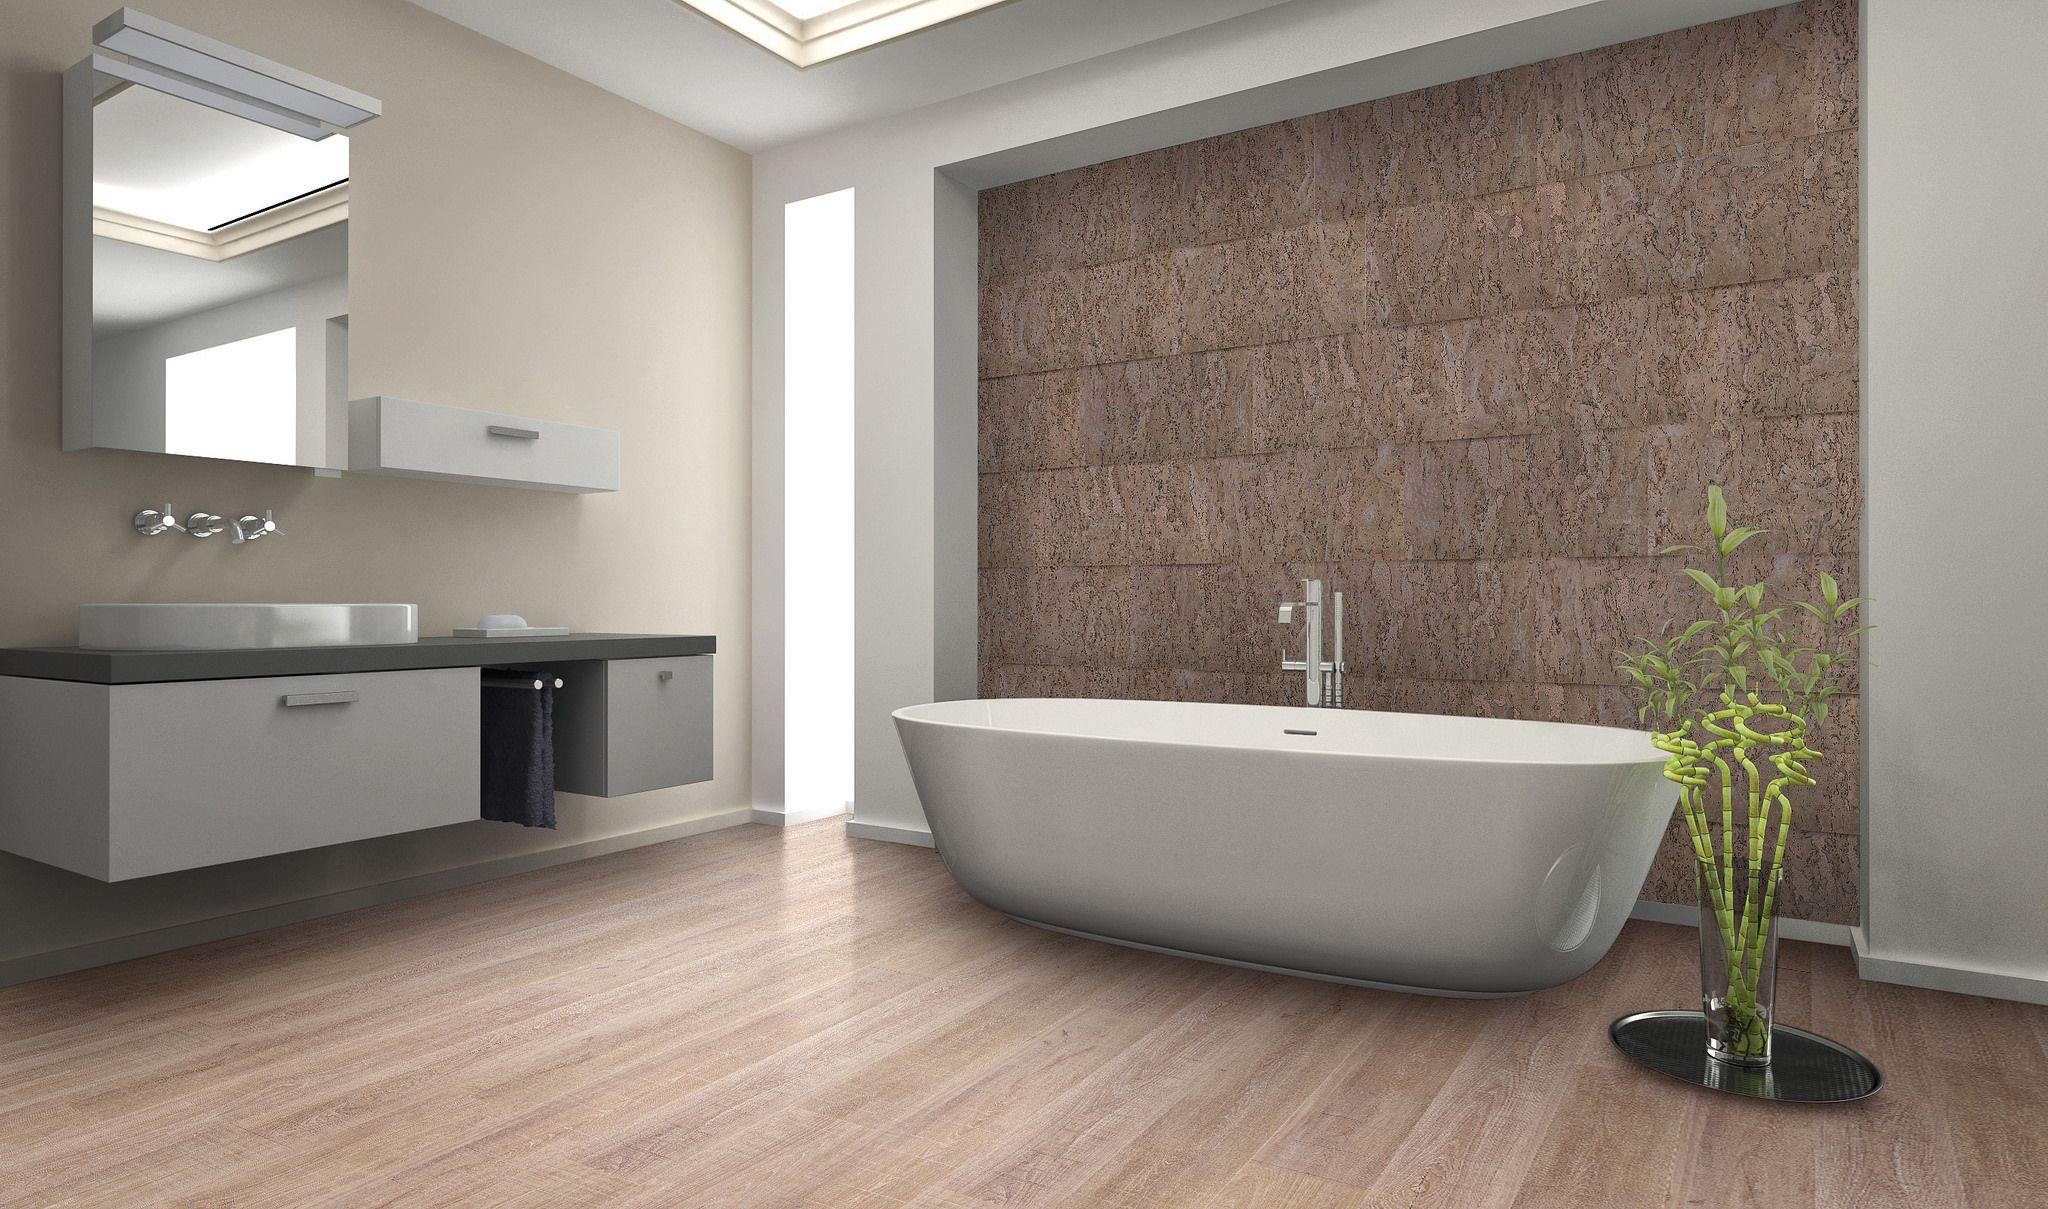 Kurk helpt een serene sfeer te creëren in een design badkamer. #kurk